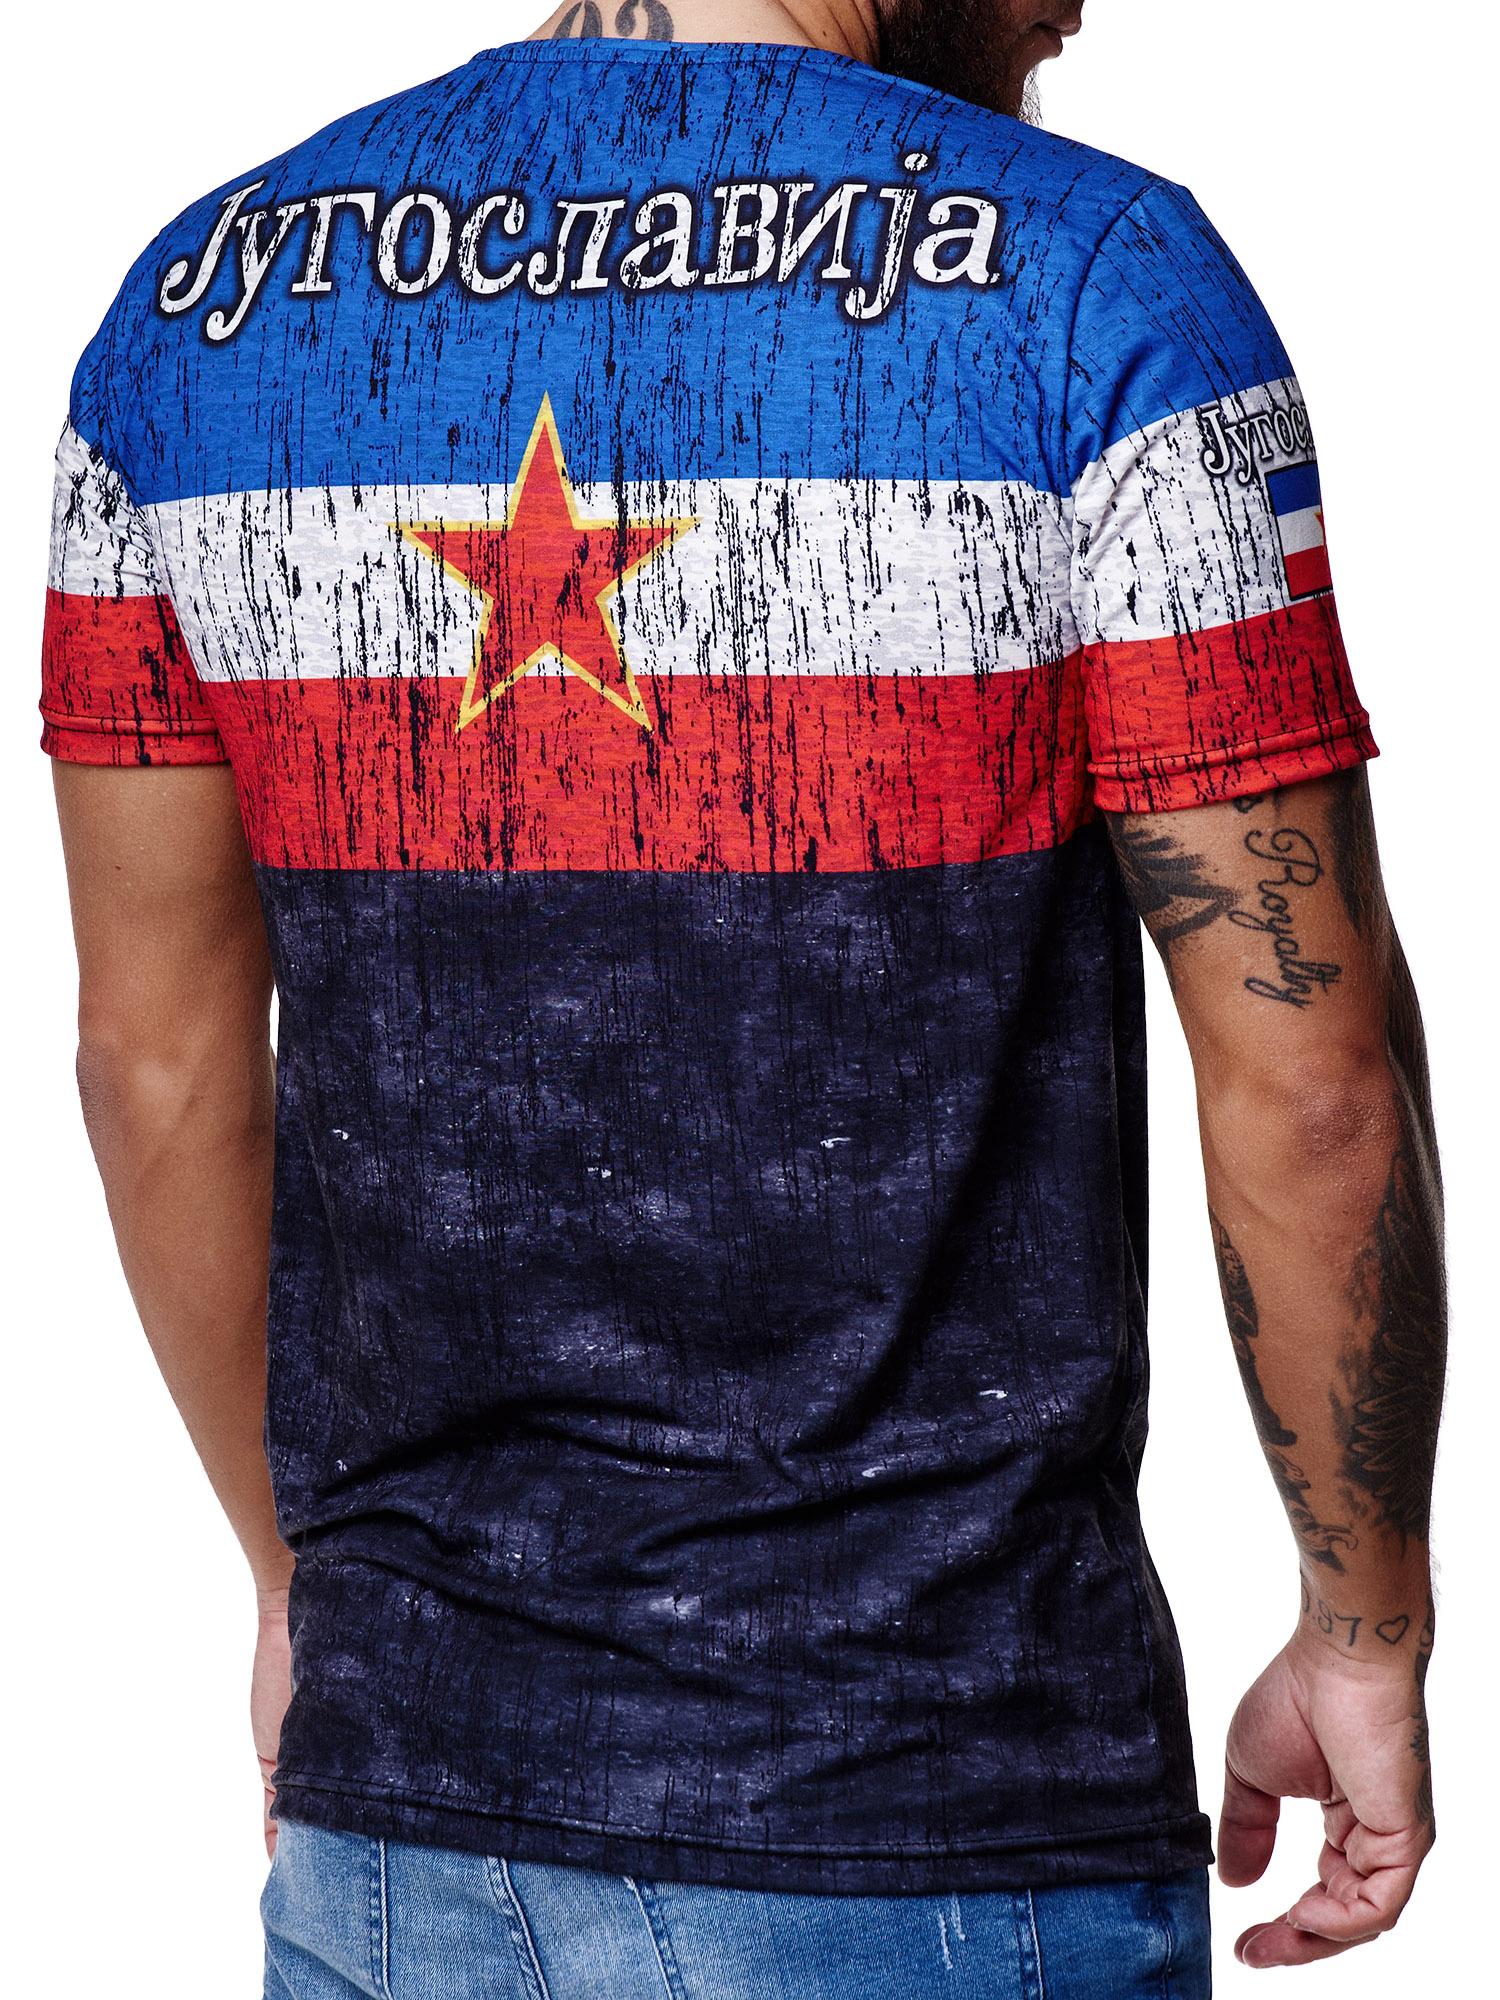 Paesi-da-Donna-T-shirt-A-Maniche-Corte-Girocollo-donne-CALCIO-Fanshirt-John-Kayna miniatura 75